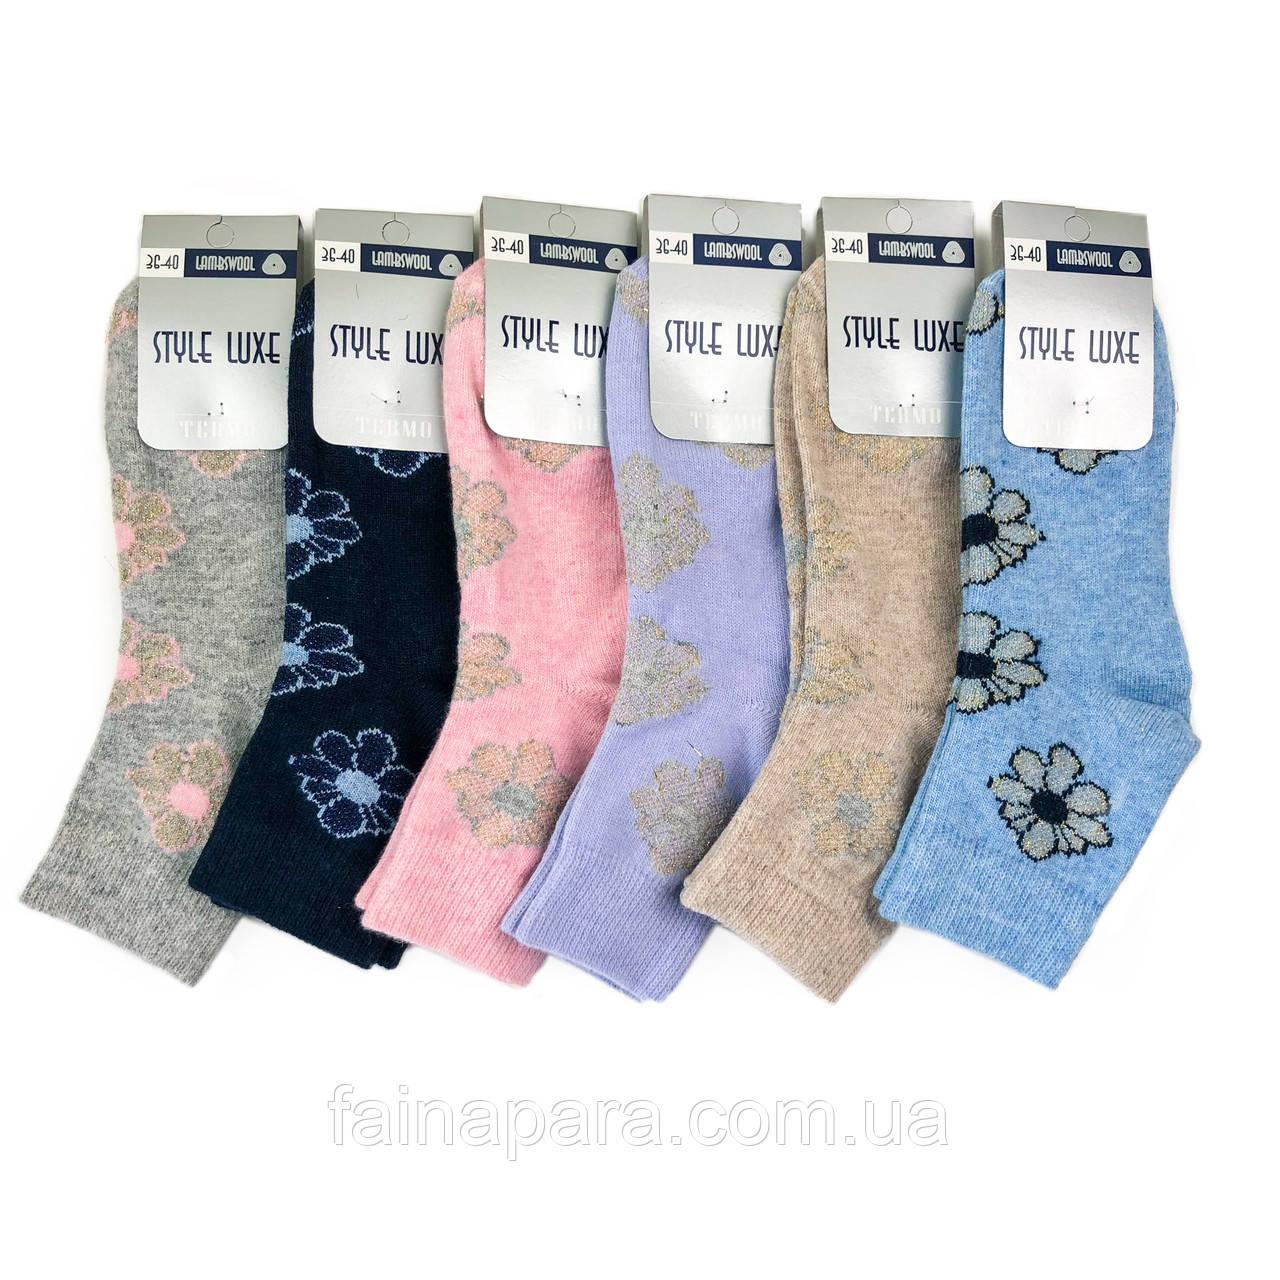 Женские шерстяные термо носки с люрексом Style Luxe